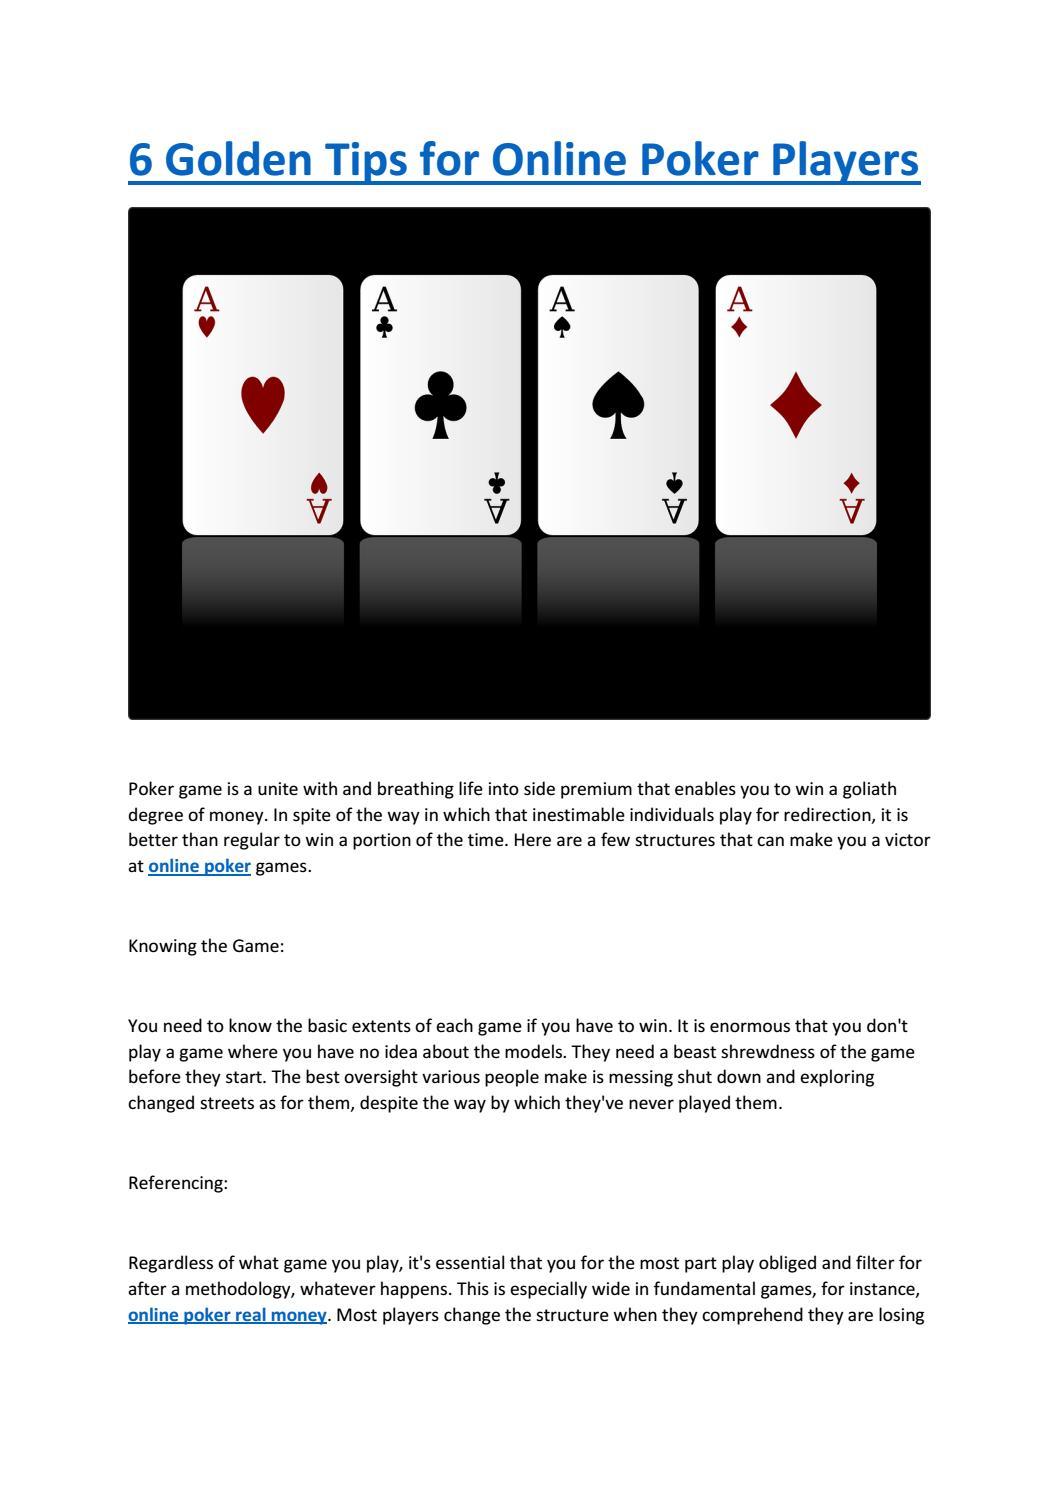 покер голден онлайн